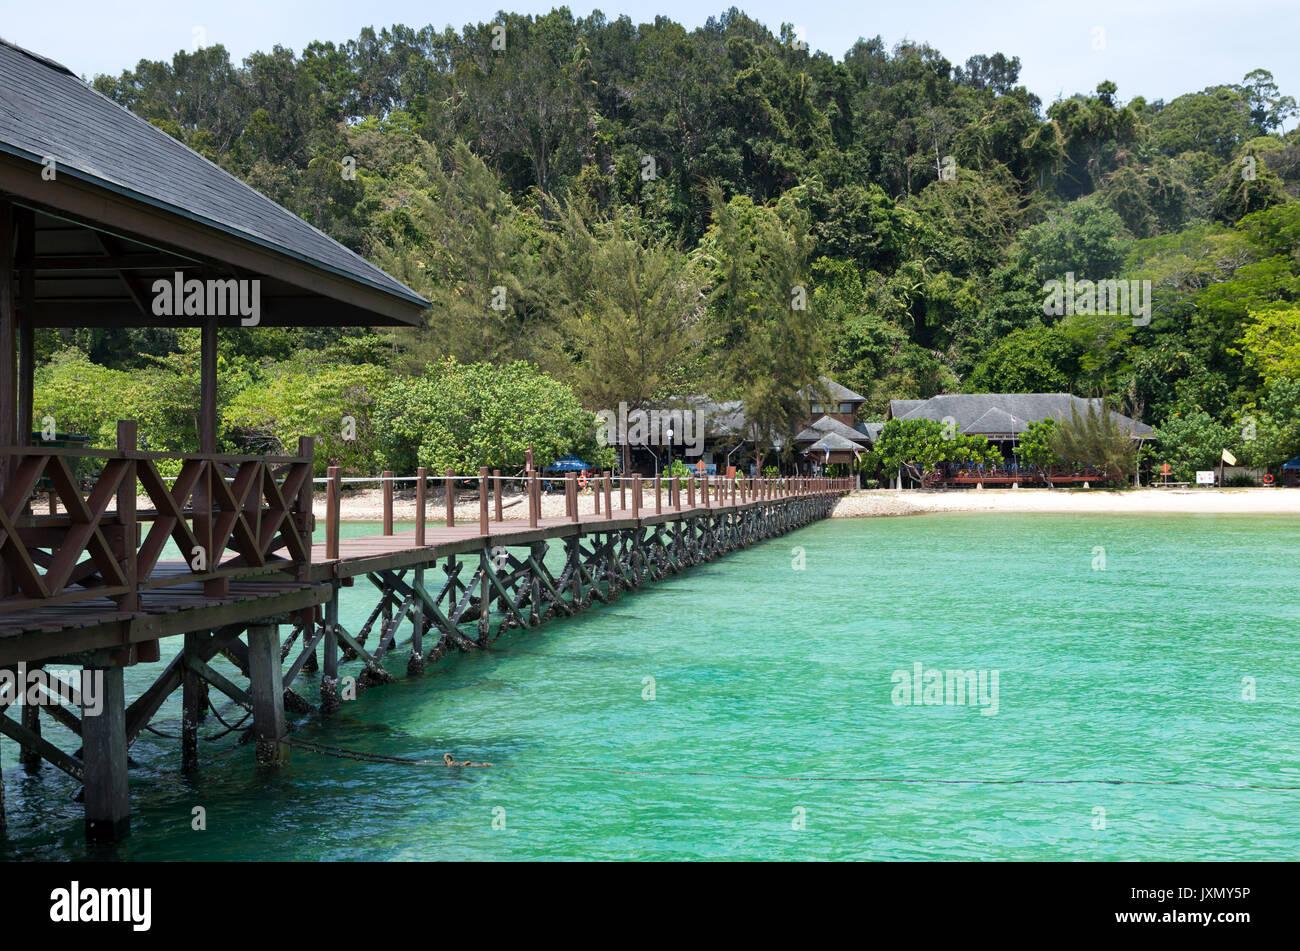 Jetty en Pulau Gaya, Parque Nacional Tunku Abdul Rahman, Kota Kinabalu, Sabah, Malasia Imagen De Stock